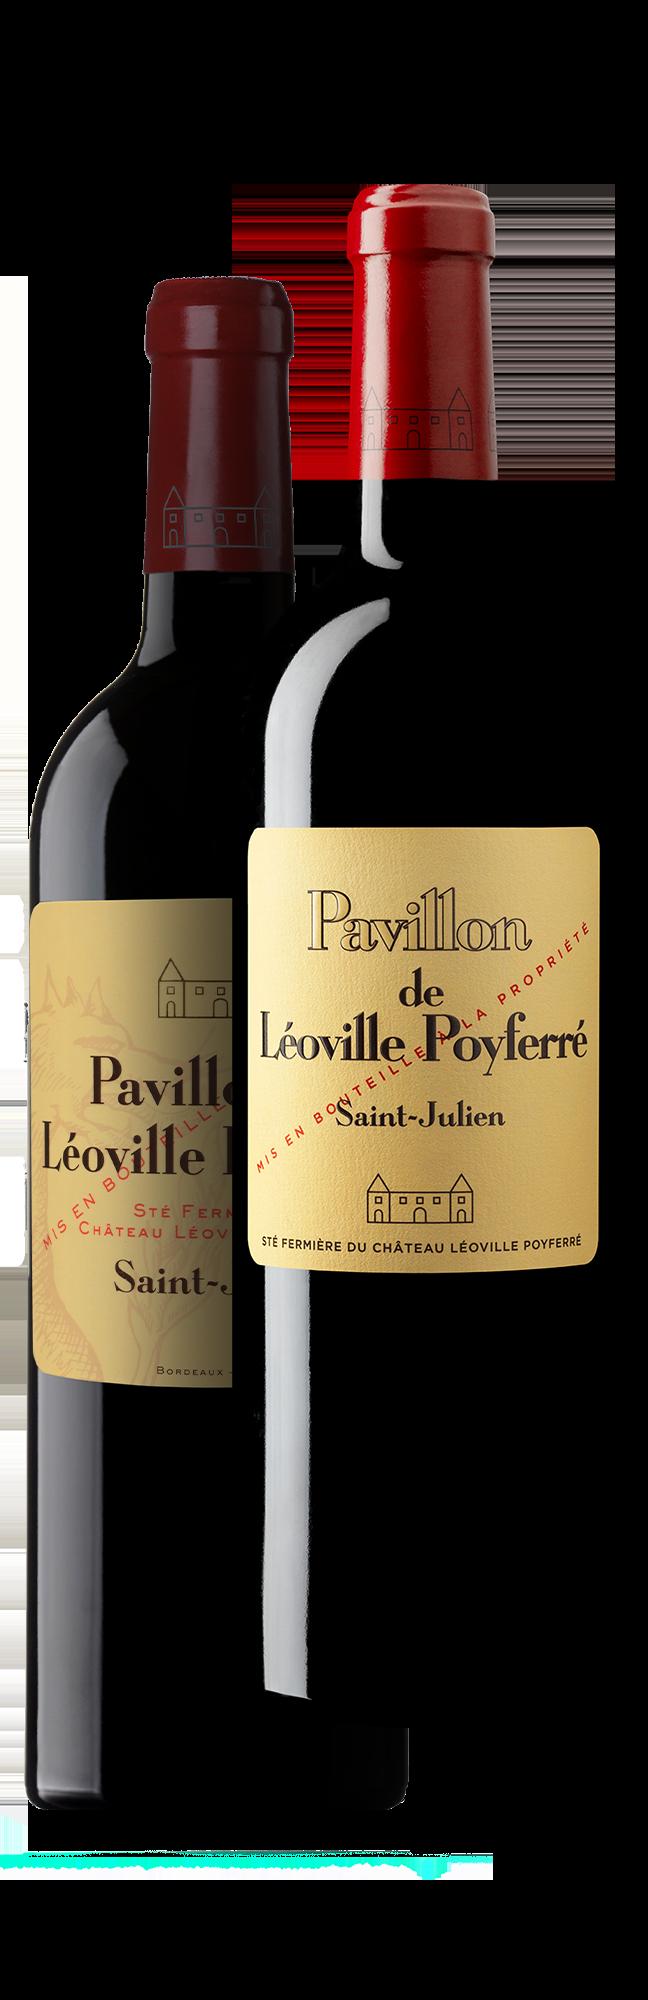 瑞气磨坊酒庄 - Léoville Poyferré